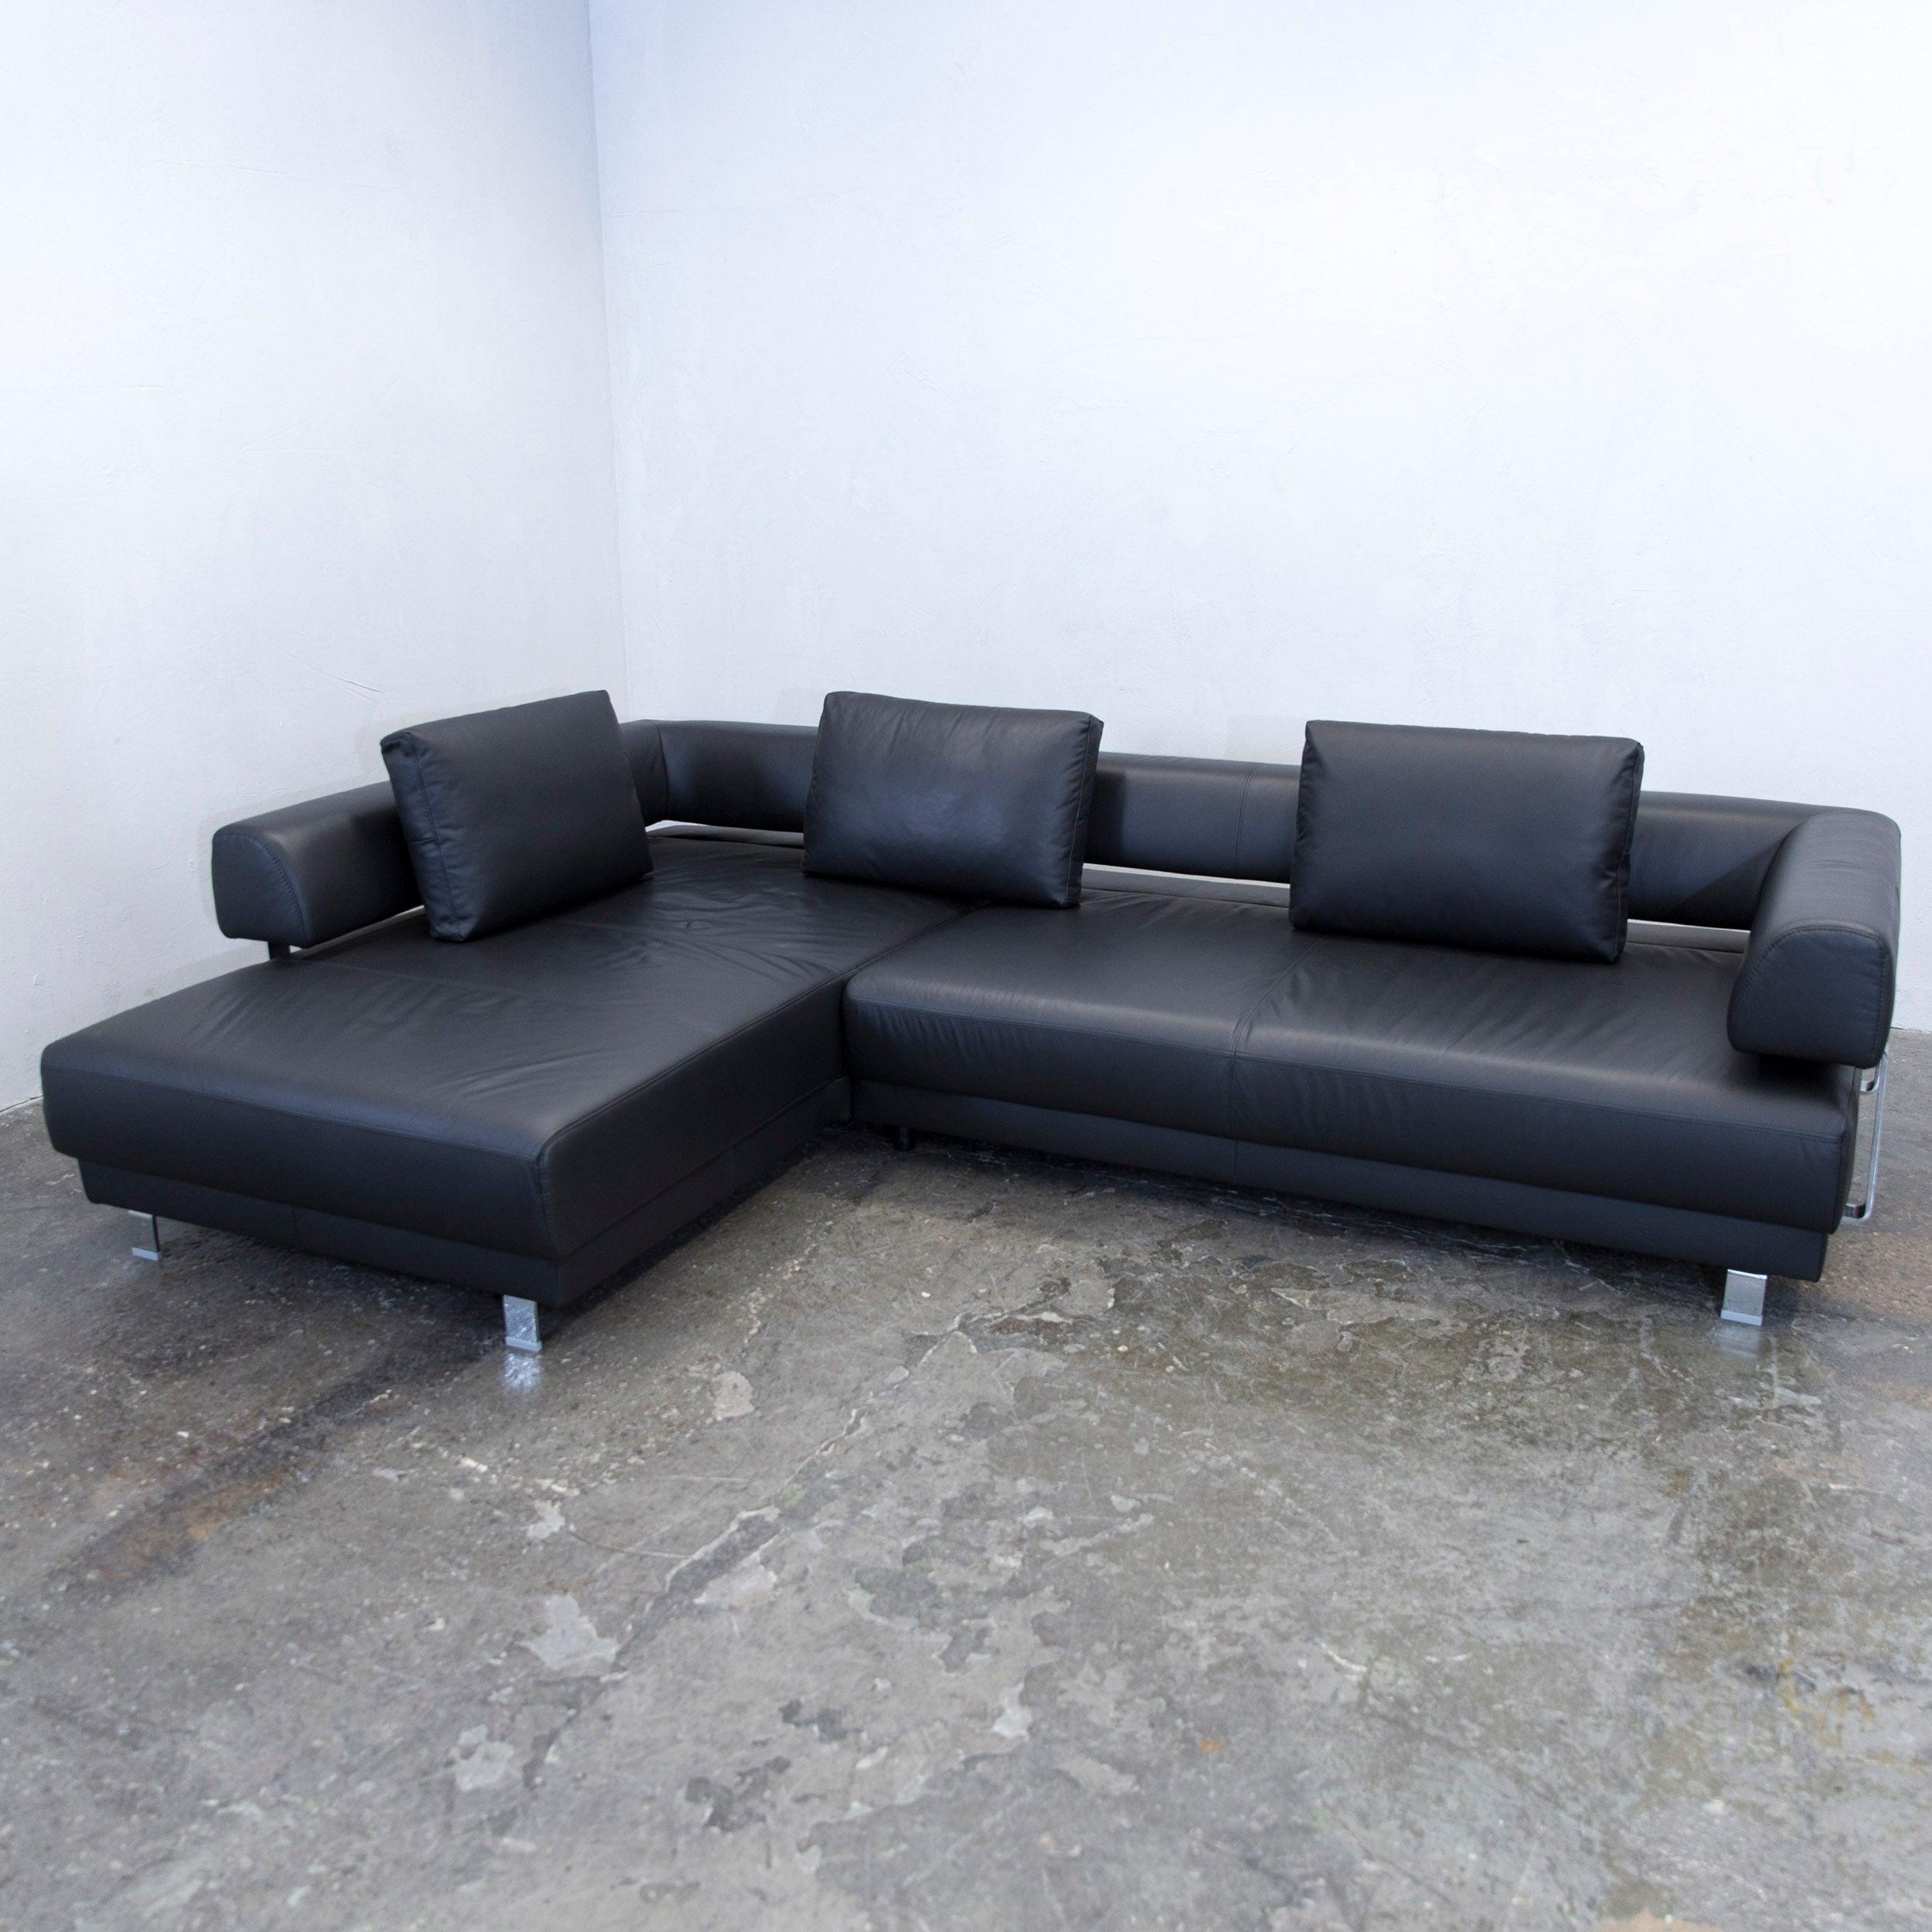 Einzigartig Ewald Schillig Ecksofa Ideen Von Brand Face Designer Corner Sofa Leather Black